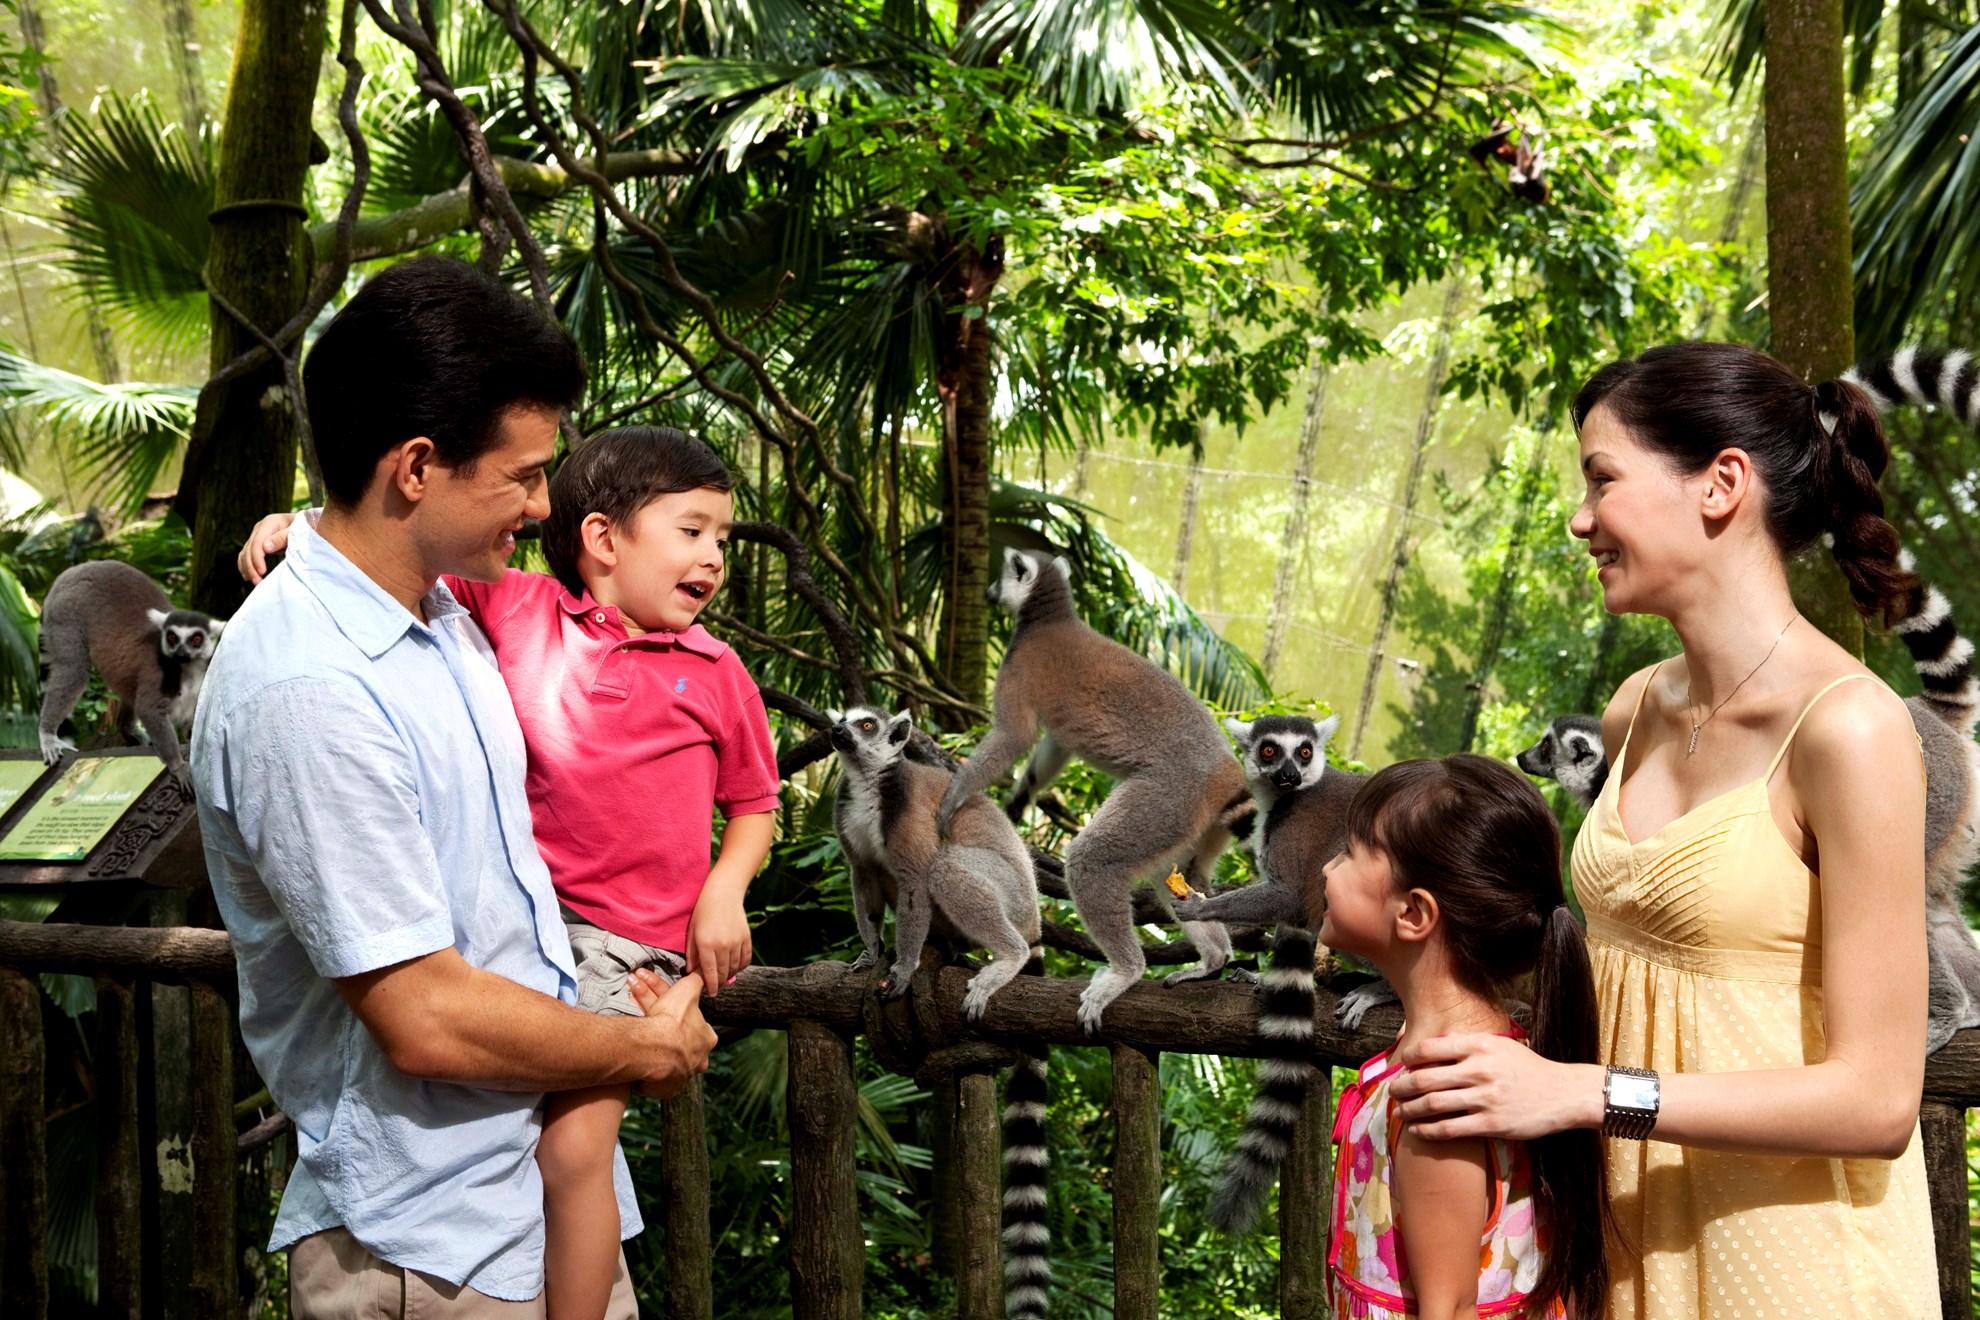 Dịch vụ trung chuyển bằng xe Bus đến Trung tâm Bảo tồn Động vật Hoang dã Singapore (Wild Life Reserves Singapore)